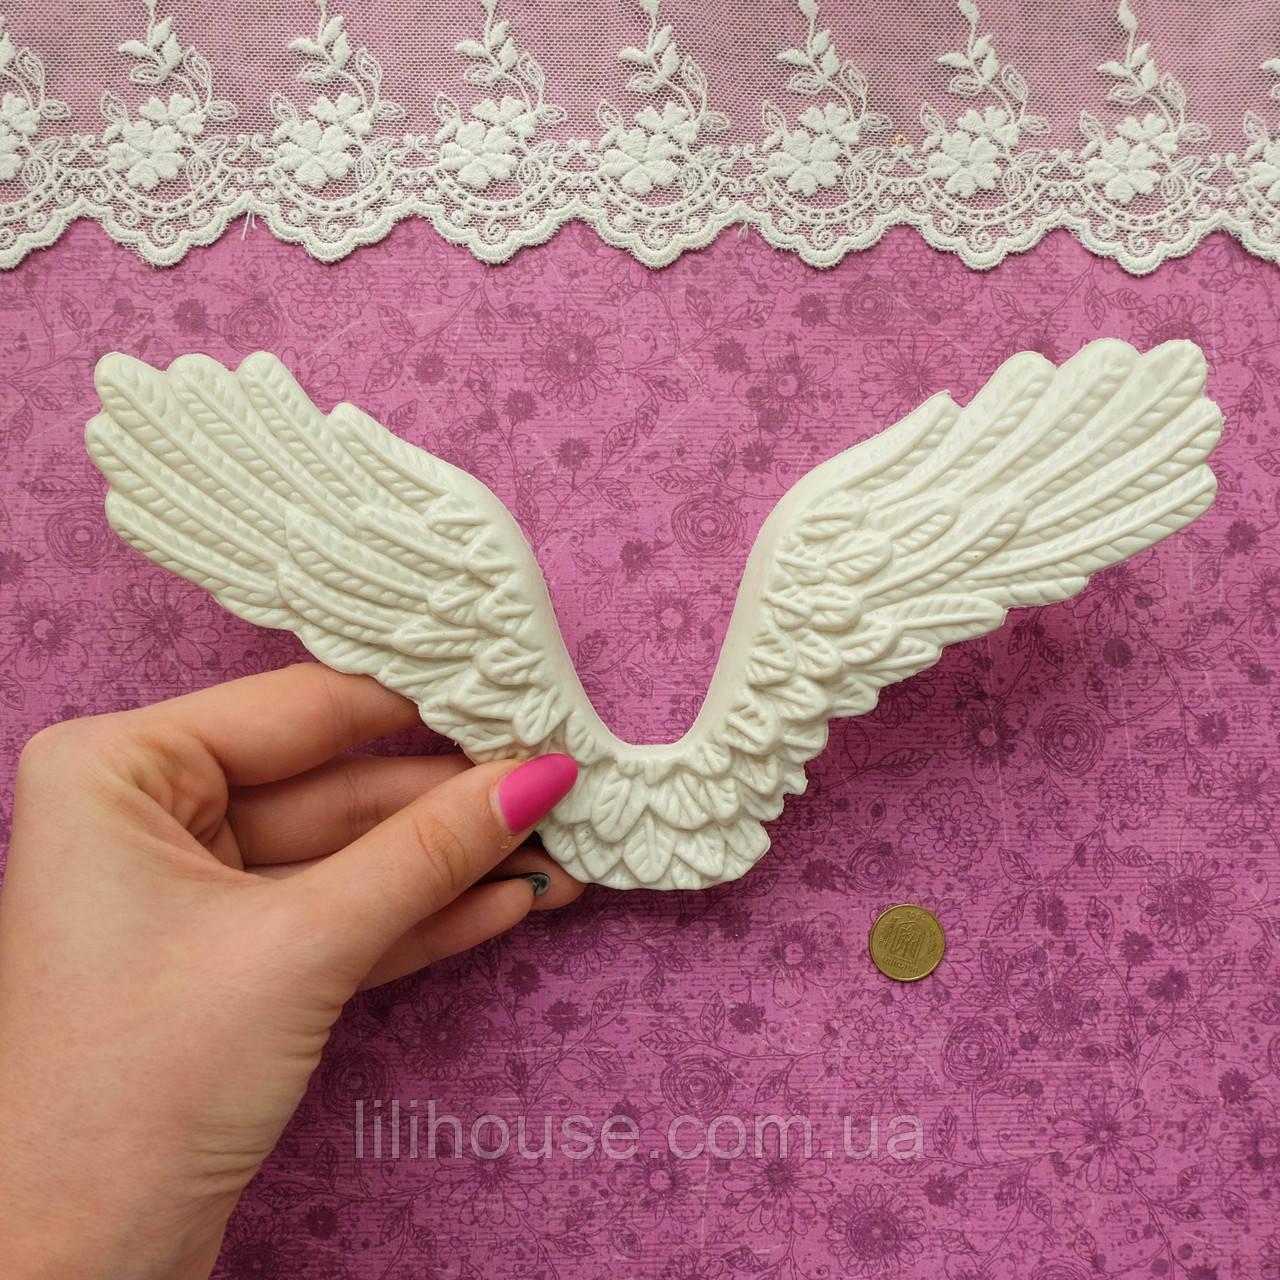 Крылья бежево-белые, 20.5*11*2 см